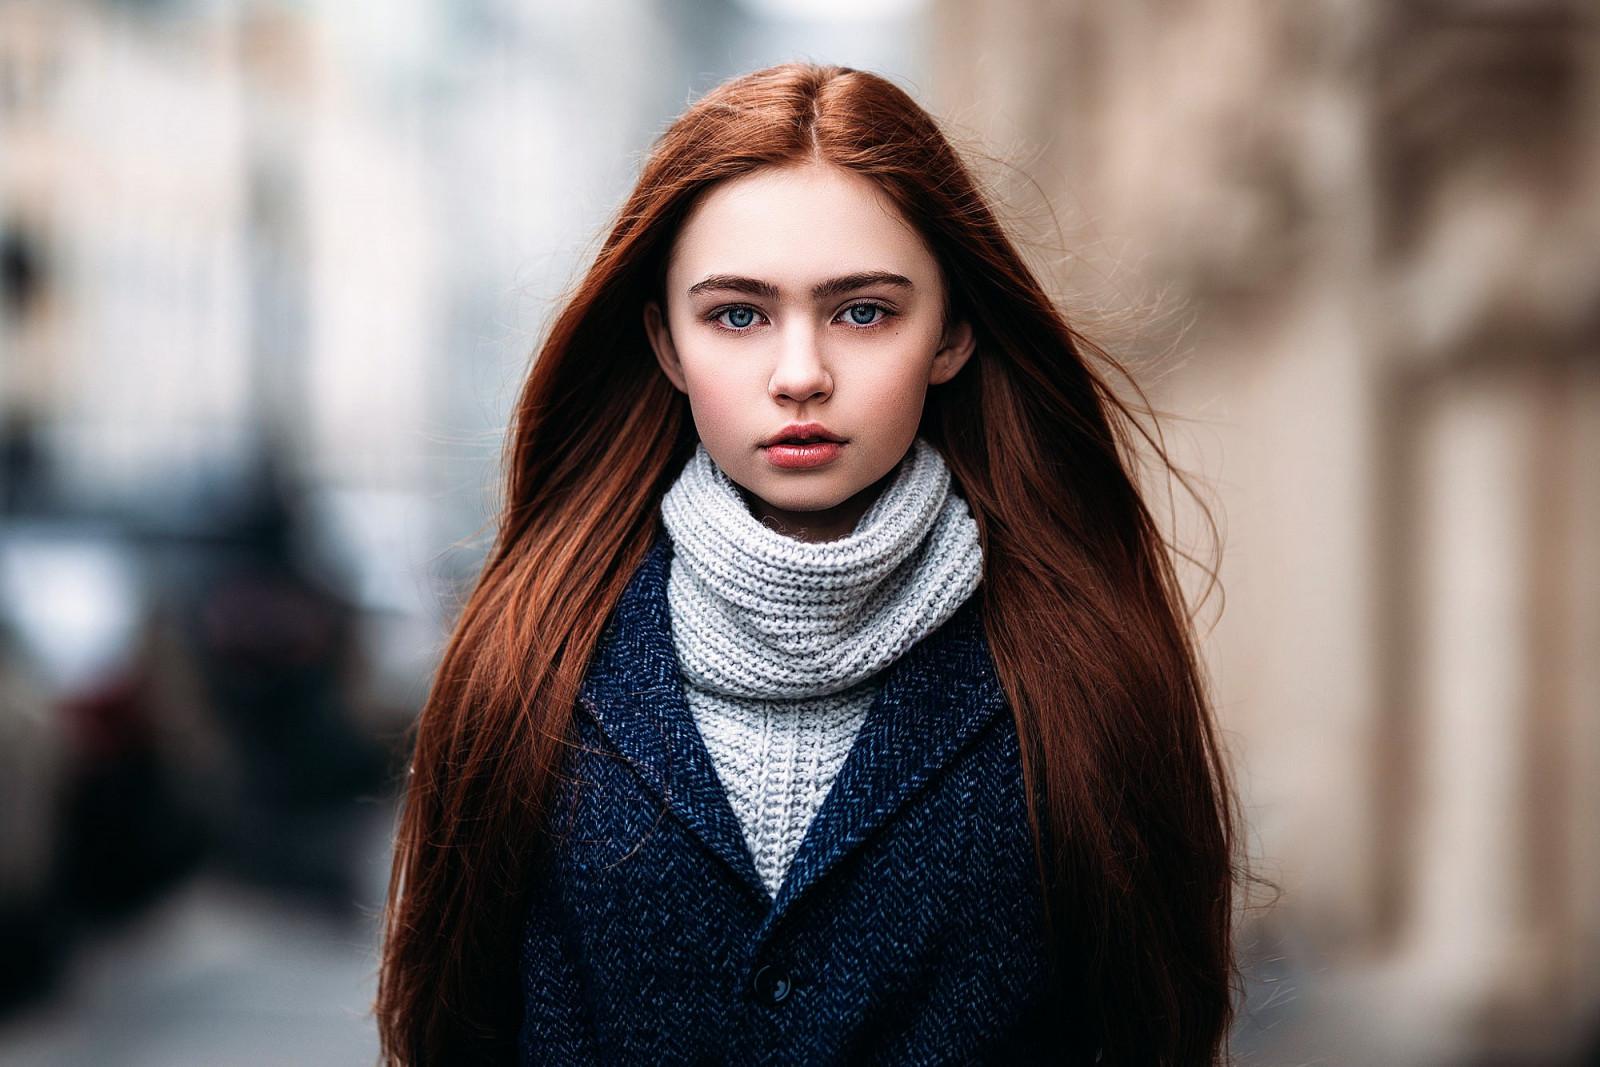 Веб девушка модель работа фото работа витебск сегодня девушка